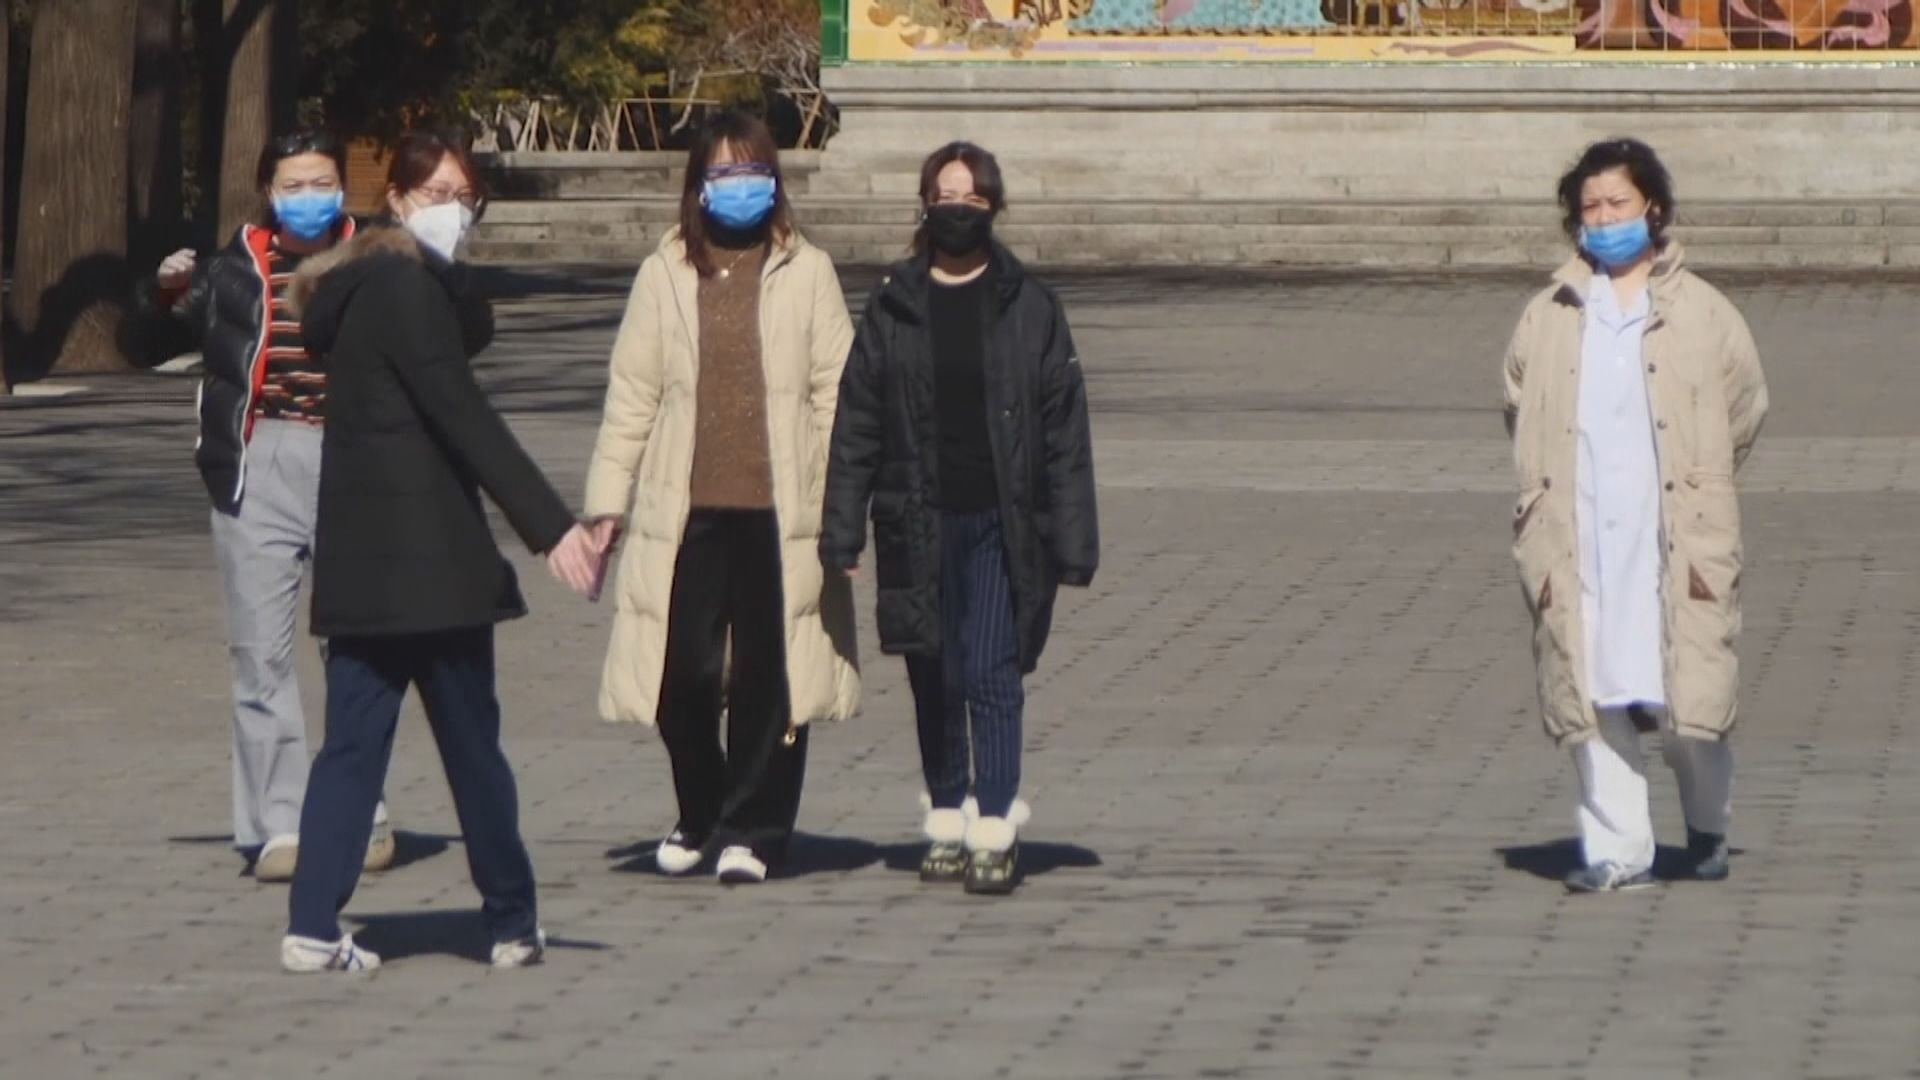 鍾南山:中國疫情尚在控制階段